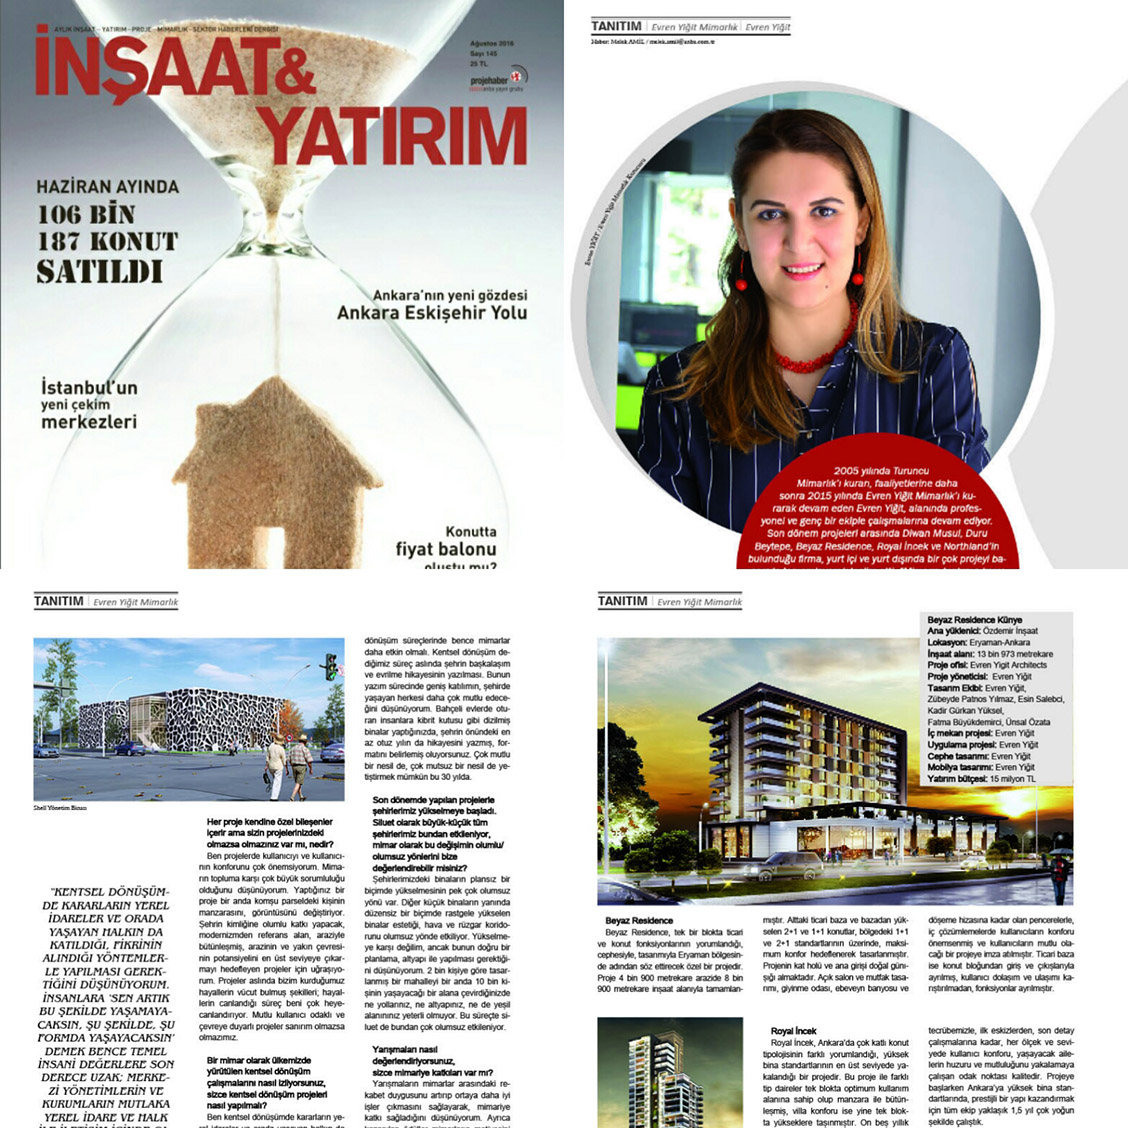 Evren Yiğit | Evren Yiğit Mimarlık İnşaat & Yatırım dergisinin Ağustos 2016 sayısında | Sıradışı Digital